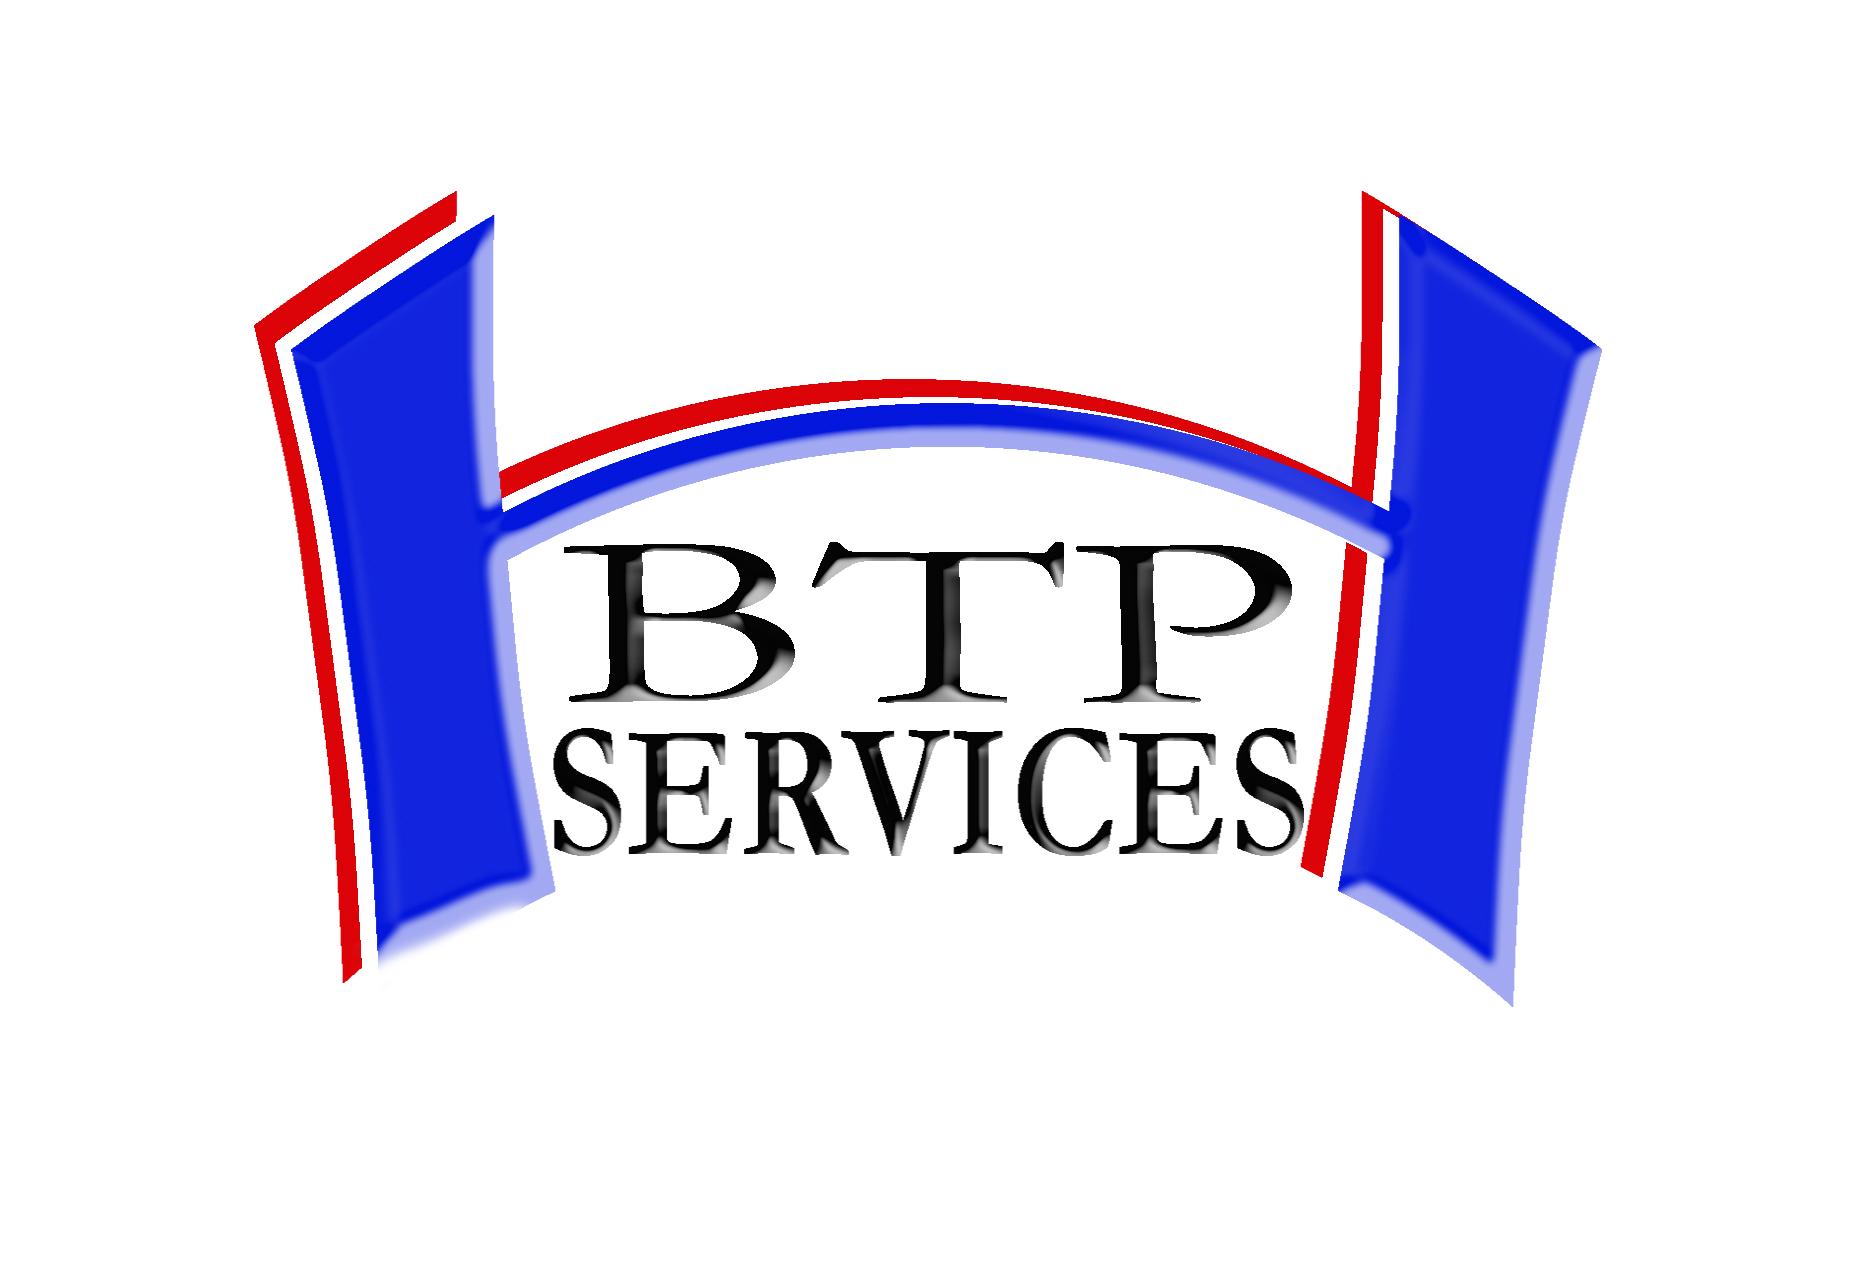 BCIA HBTP